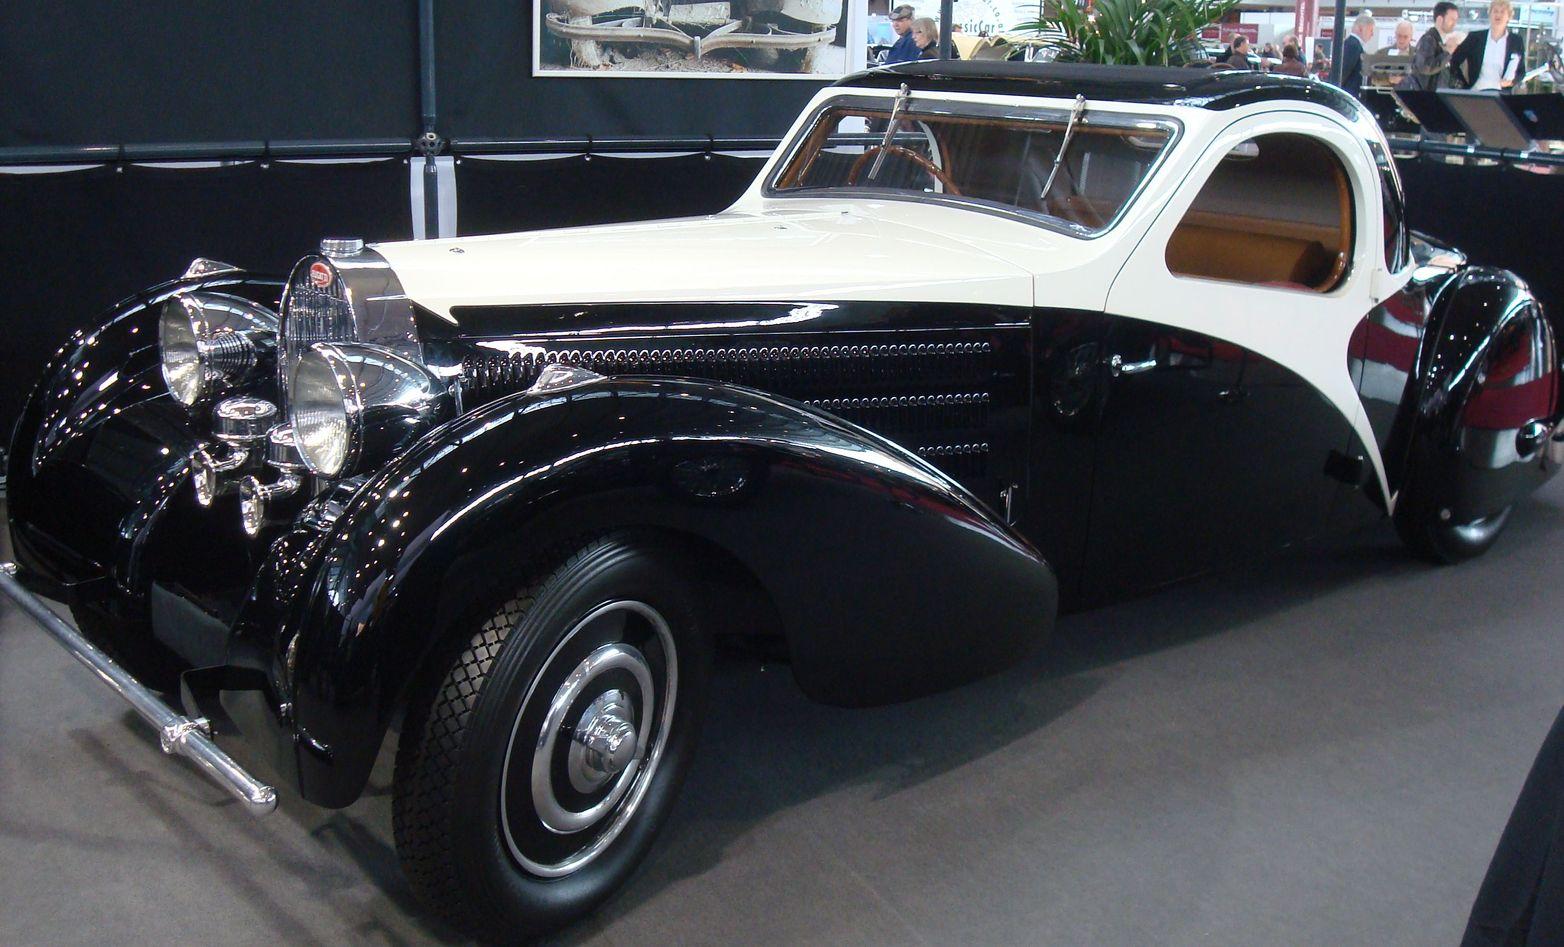 bugatti f stuttgart retro classic 2010 081 automobiles de sports et de courses bugatti. Black Bedroom Furniture Sets. Home Design Ideas